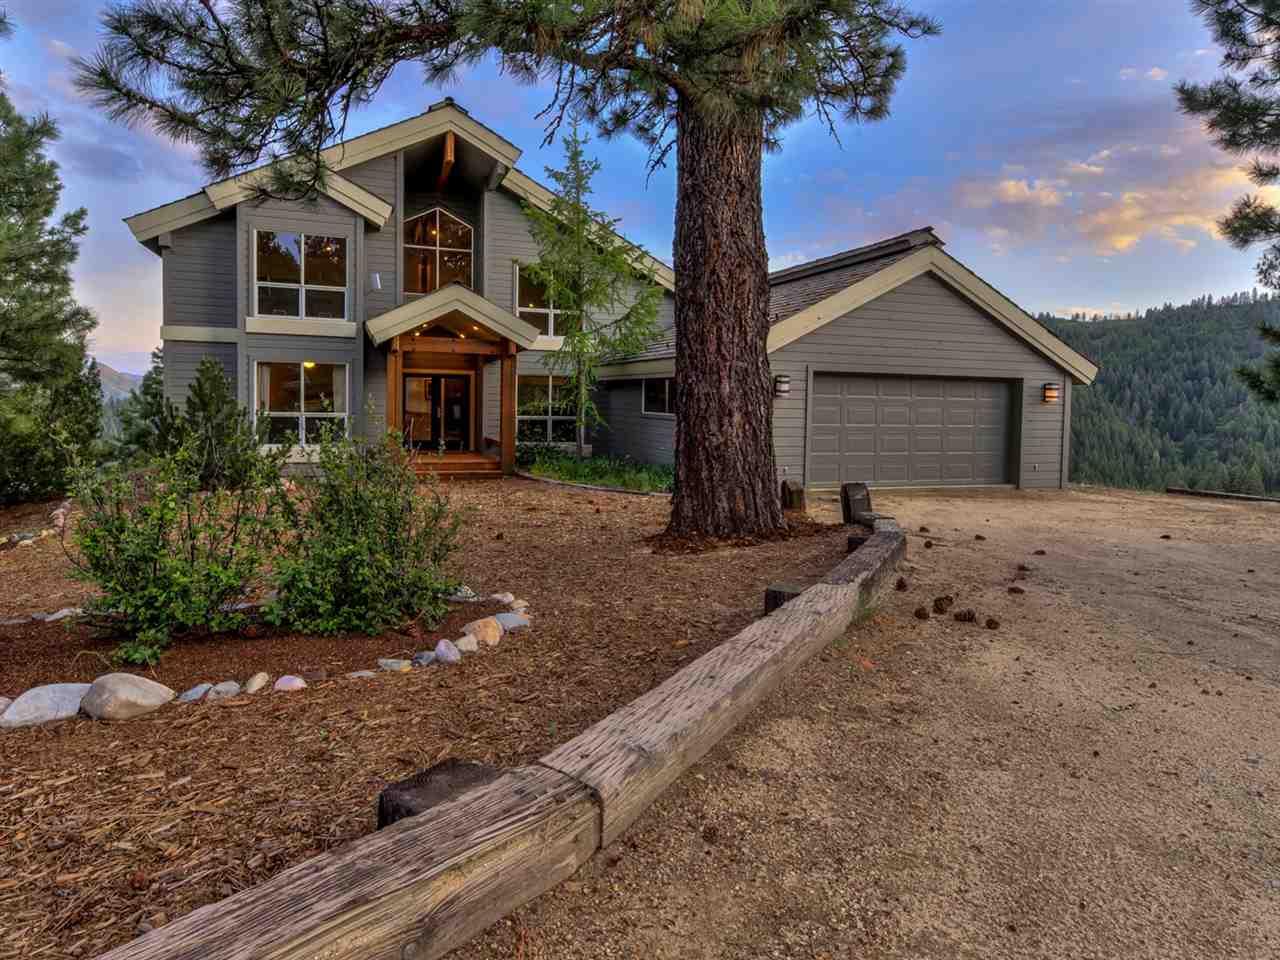 195 Wilderness Way, Boise, ID 83716